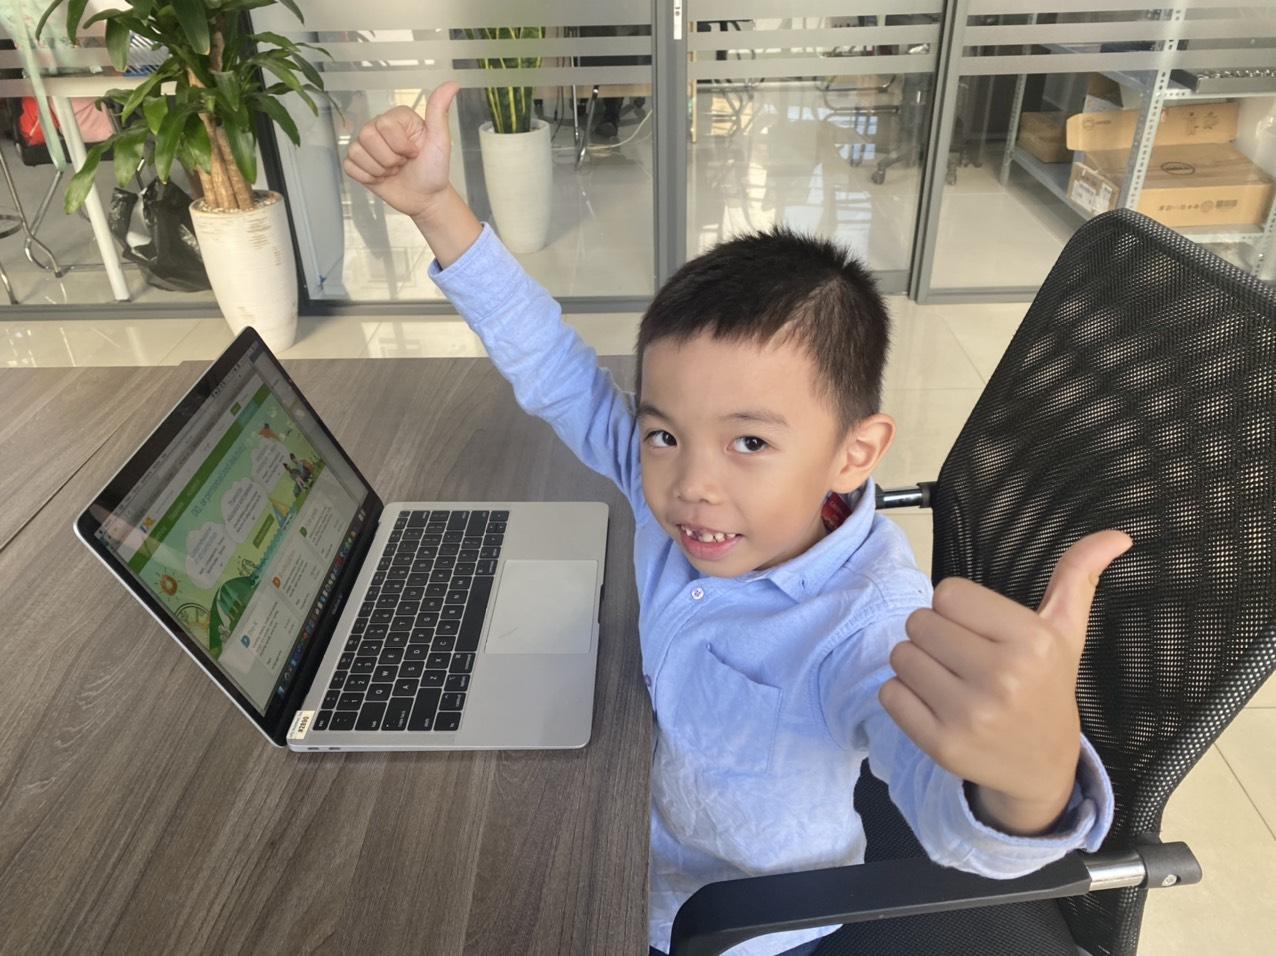 Bí quyết giúp trẻ tập trung khi tham gia lớp học online